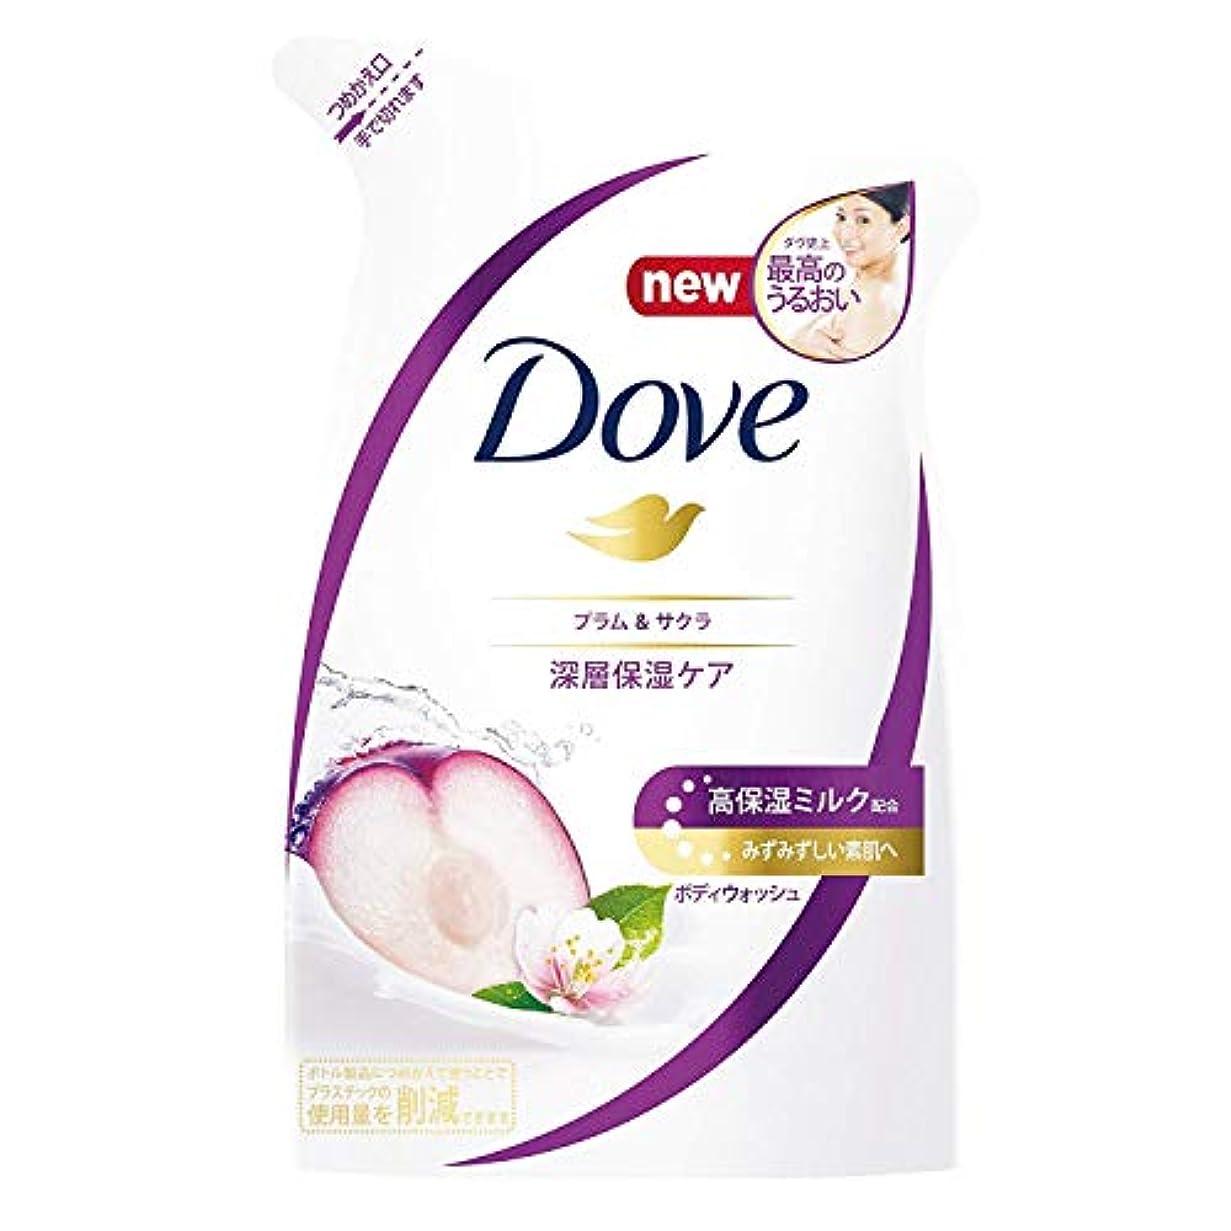 速報豪華な広まった【2個セット】Dove ダヴ ボディウォッシュ プラム & サクラ つめかえ用 360g